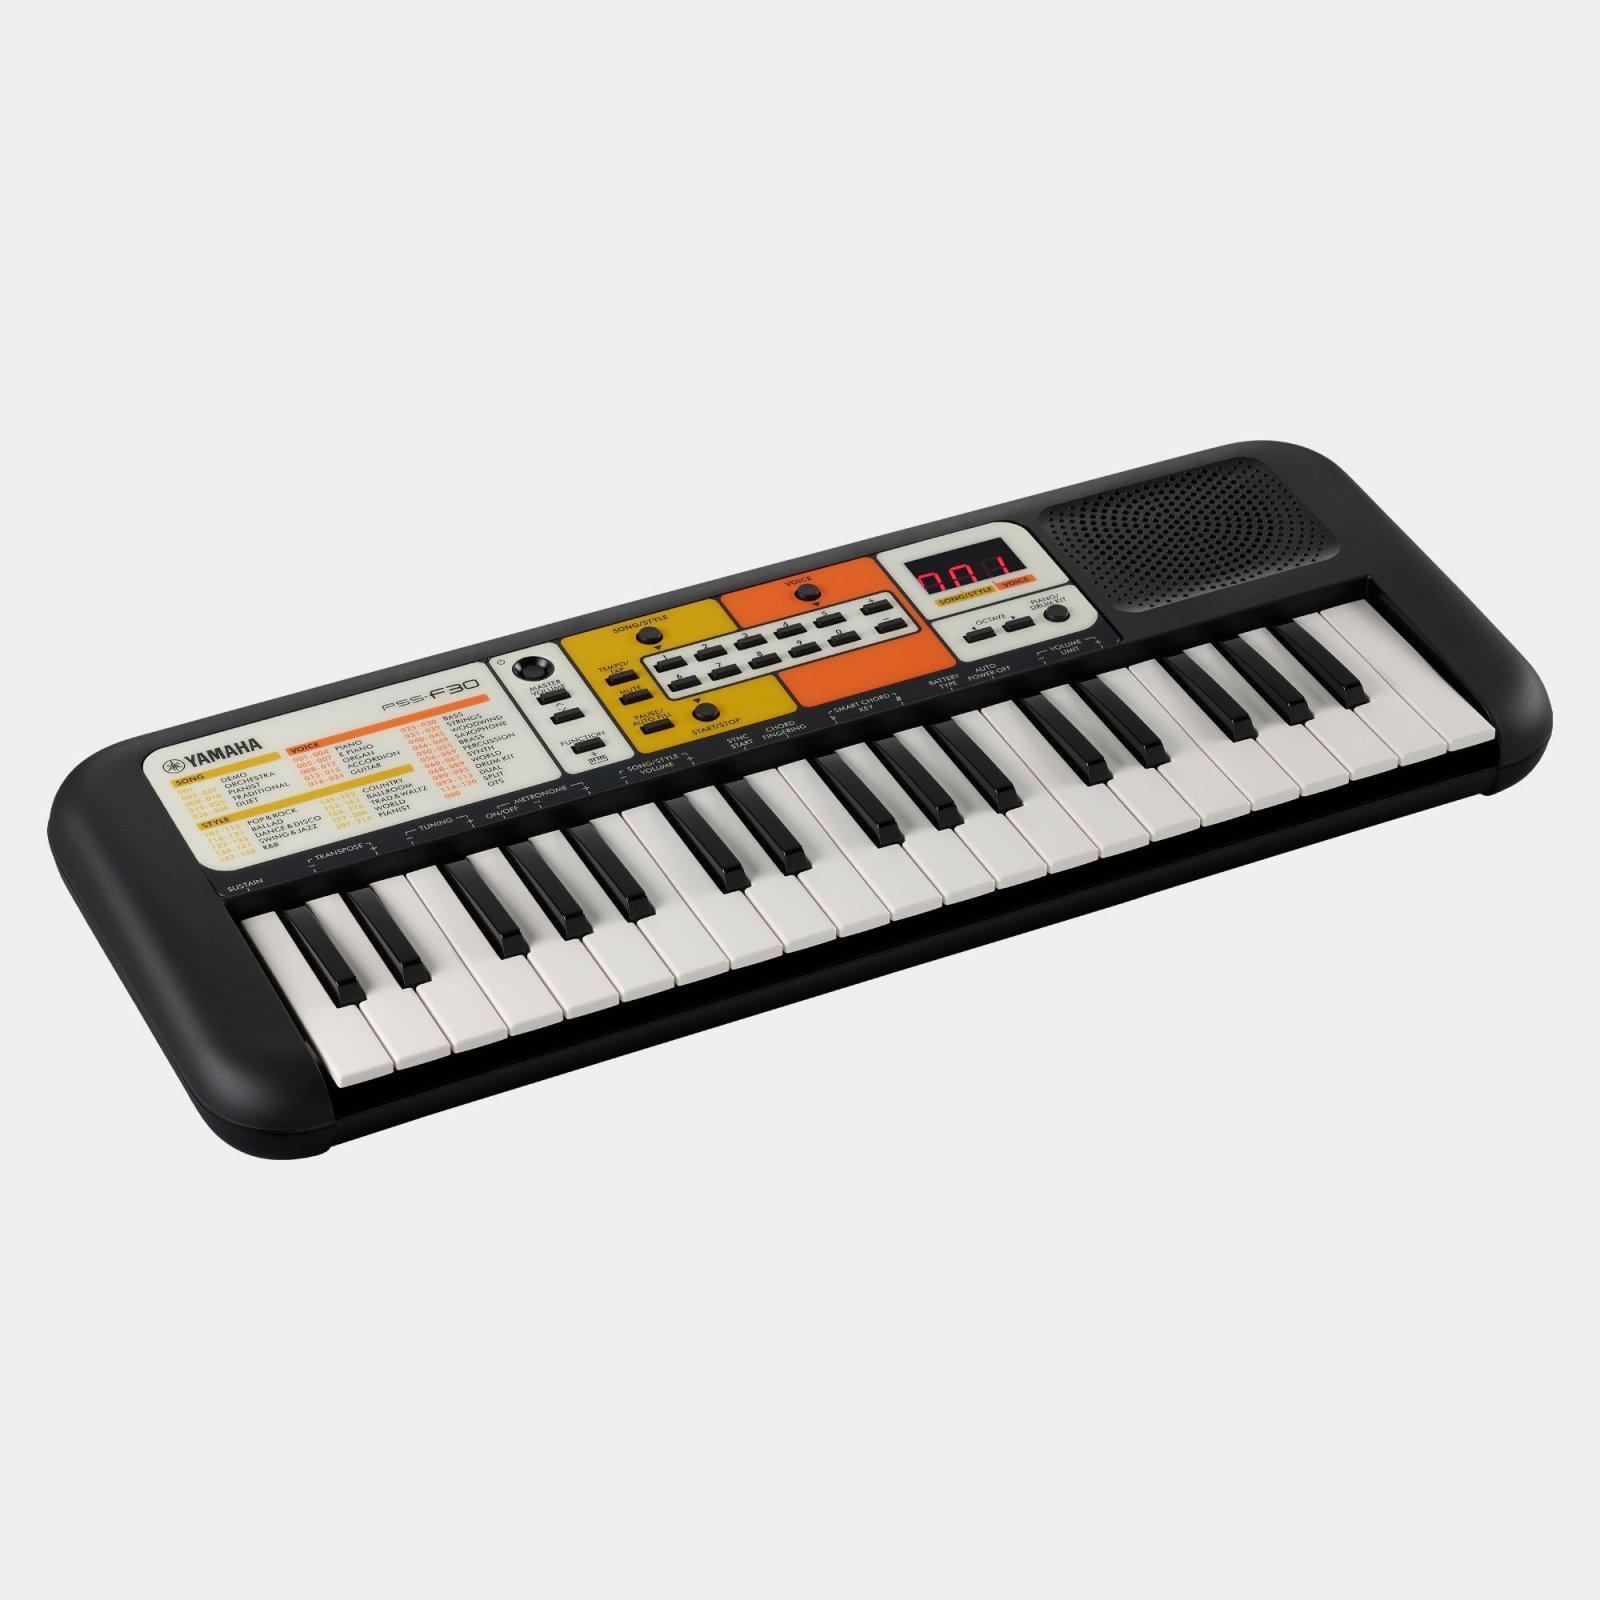 Yamaha PSS-F30 Mini-Key Keyboard